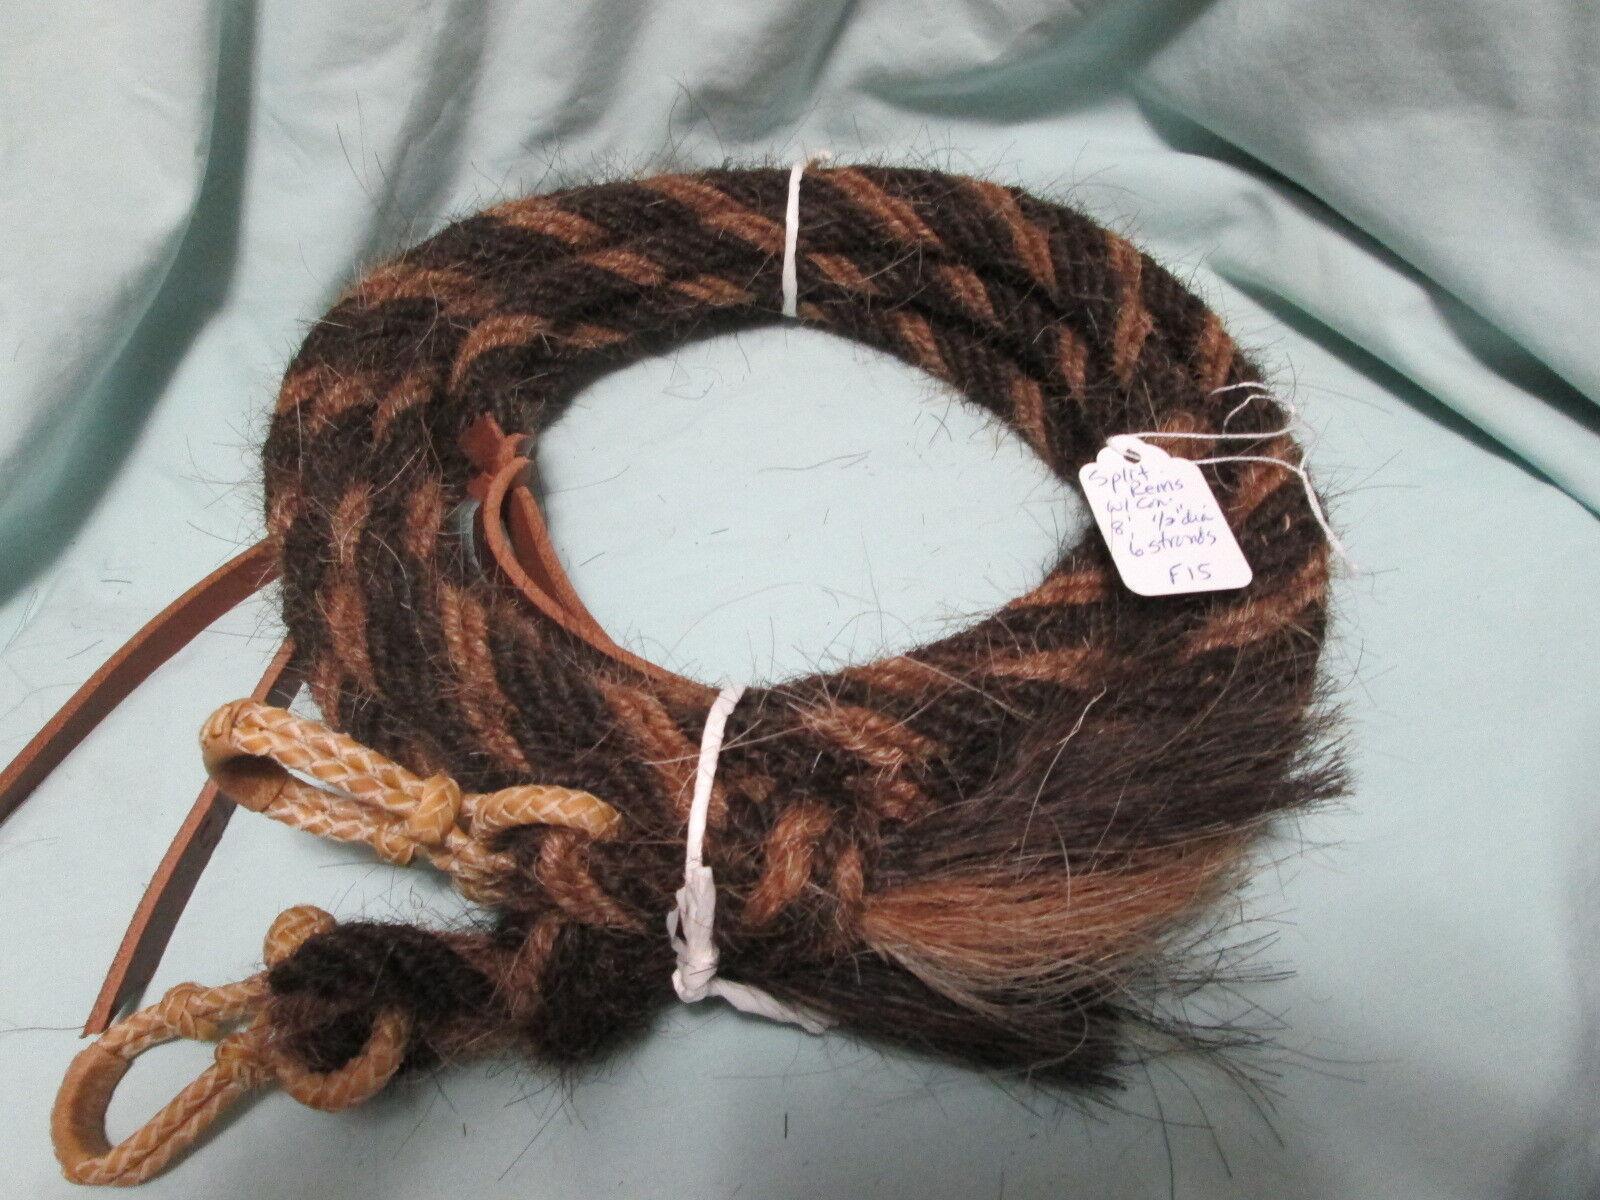 Mane Split de pelo de caballo riendas W Rawhide Conectores -- 8 ft 1 2  de diámetro, patrón F15